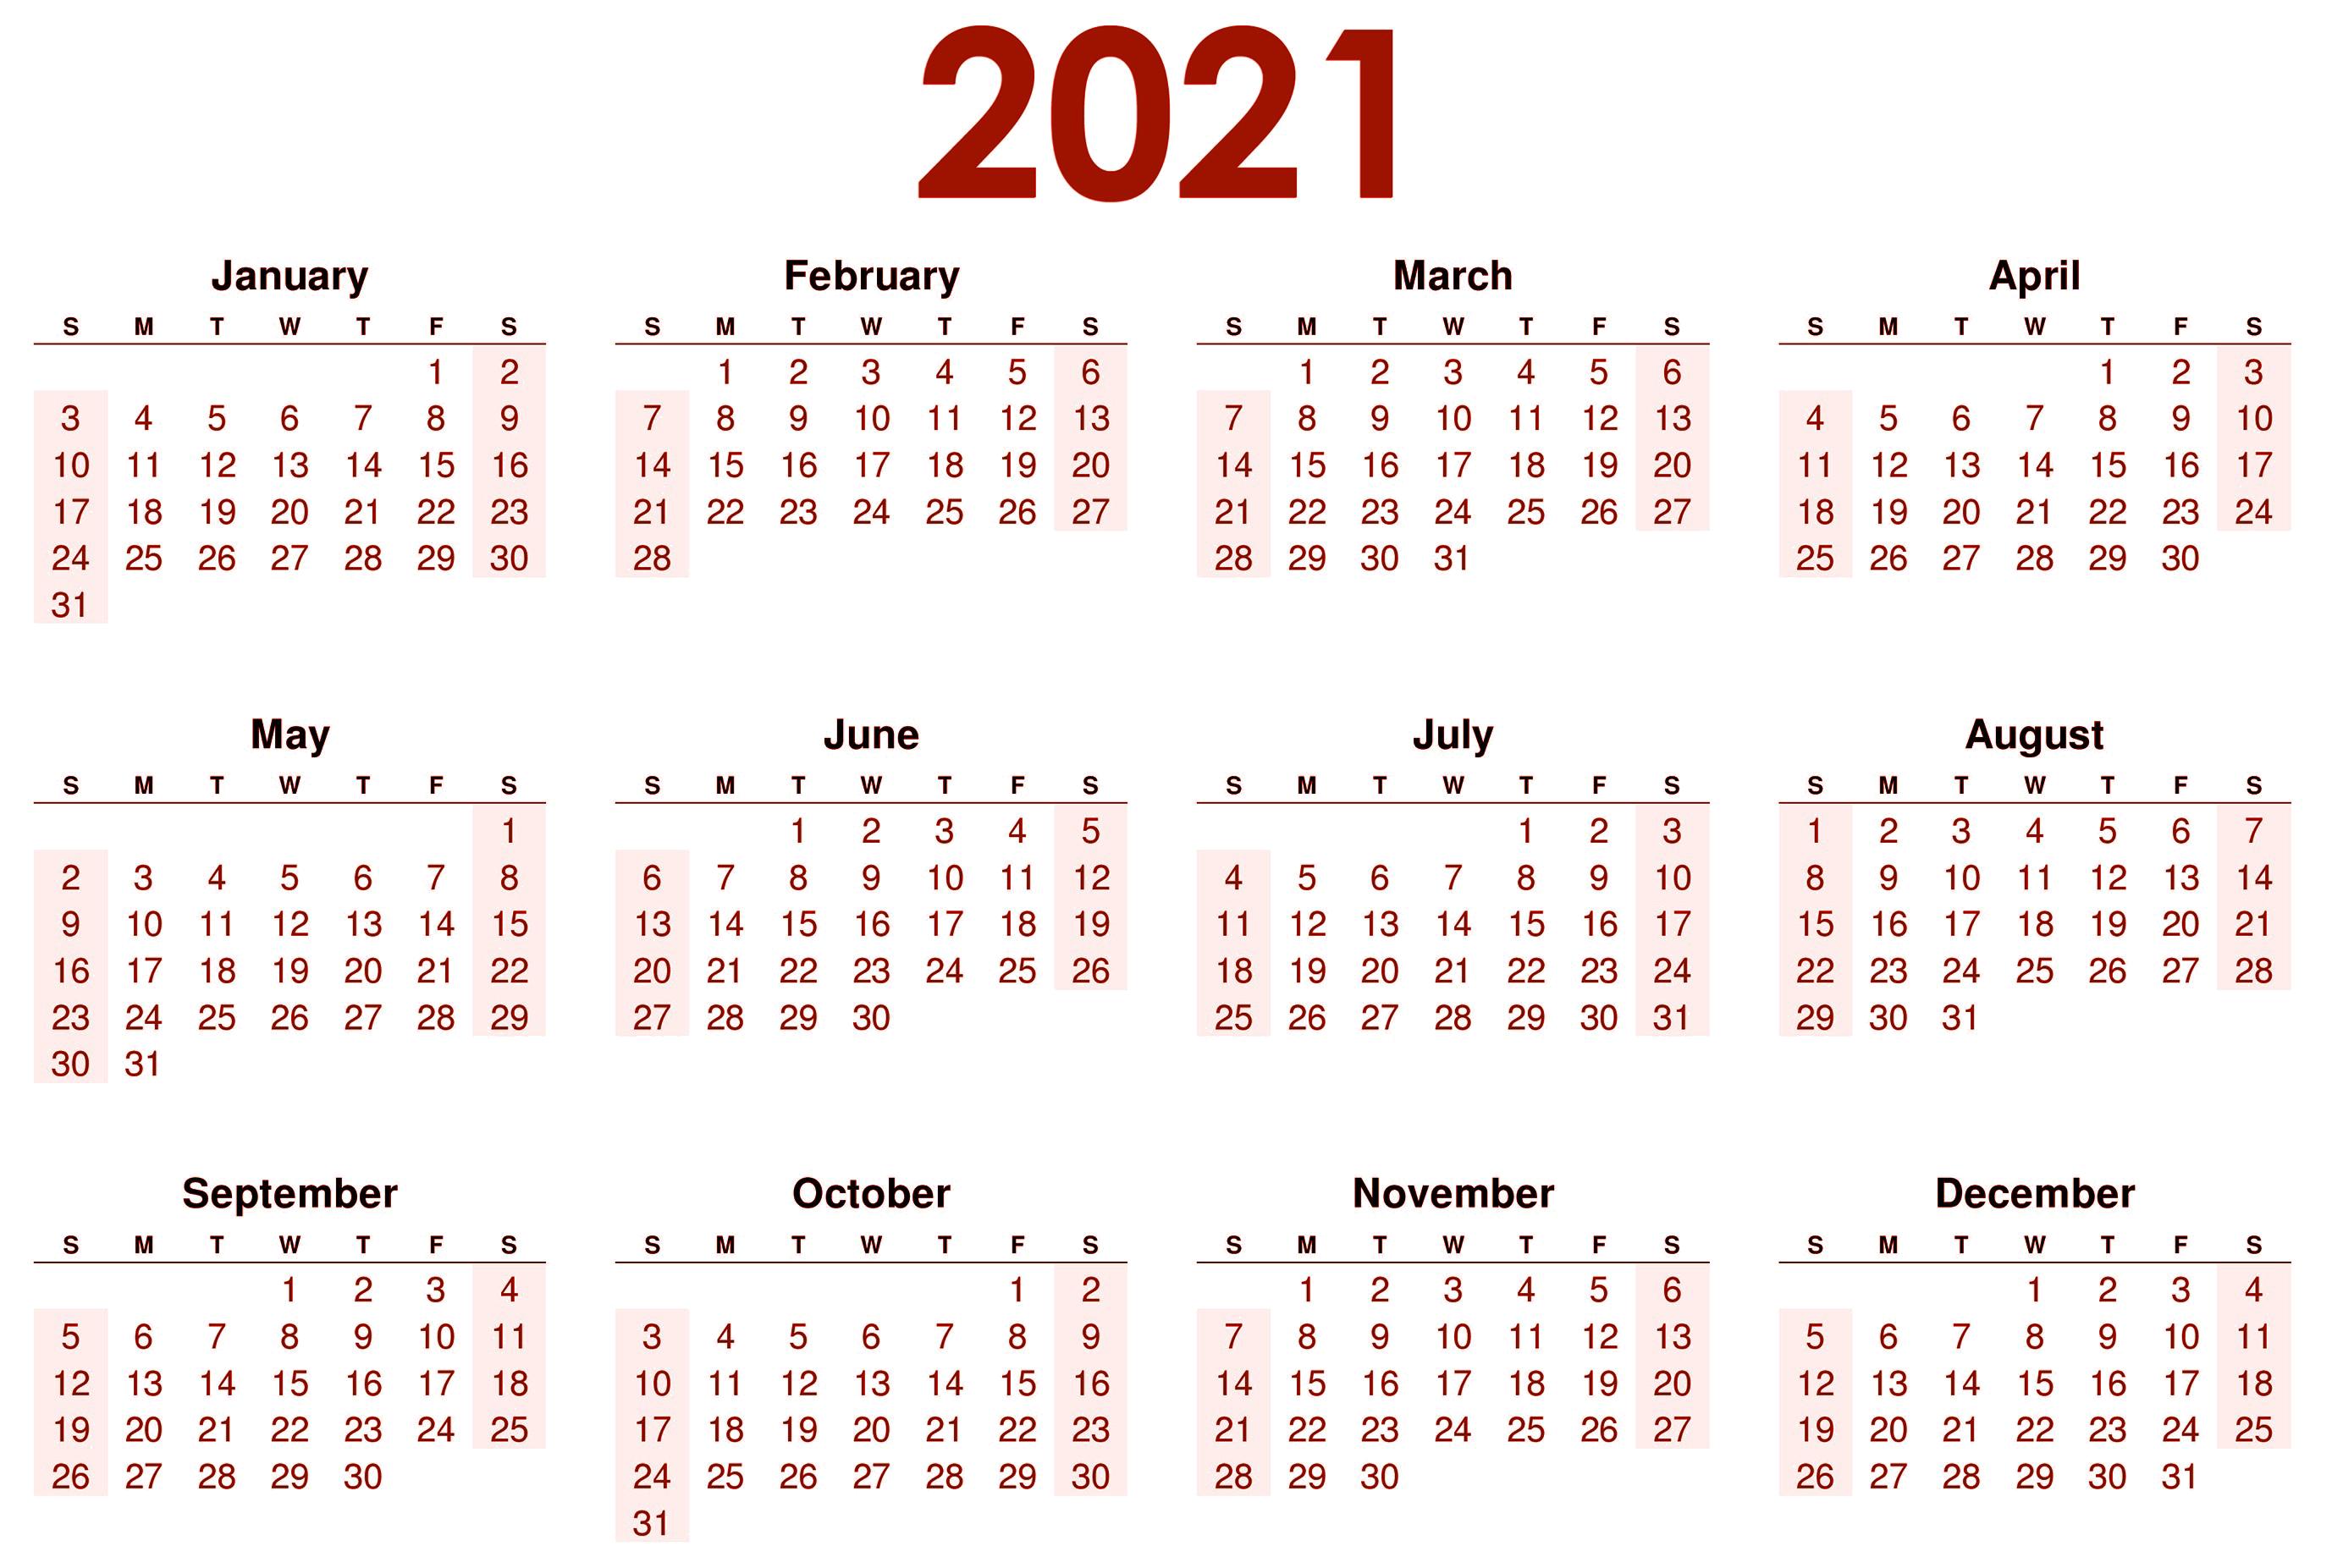 2021 Calendar Wallpapers   Top 2021 Calendar Backgrounds 2755x1853